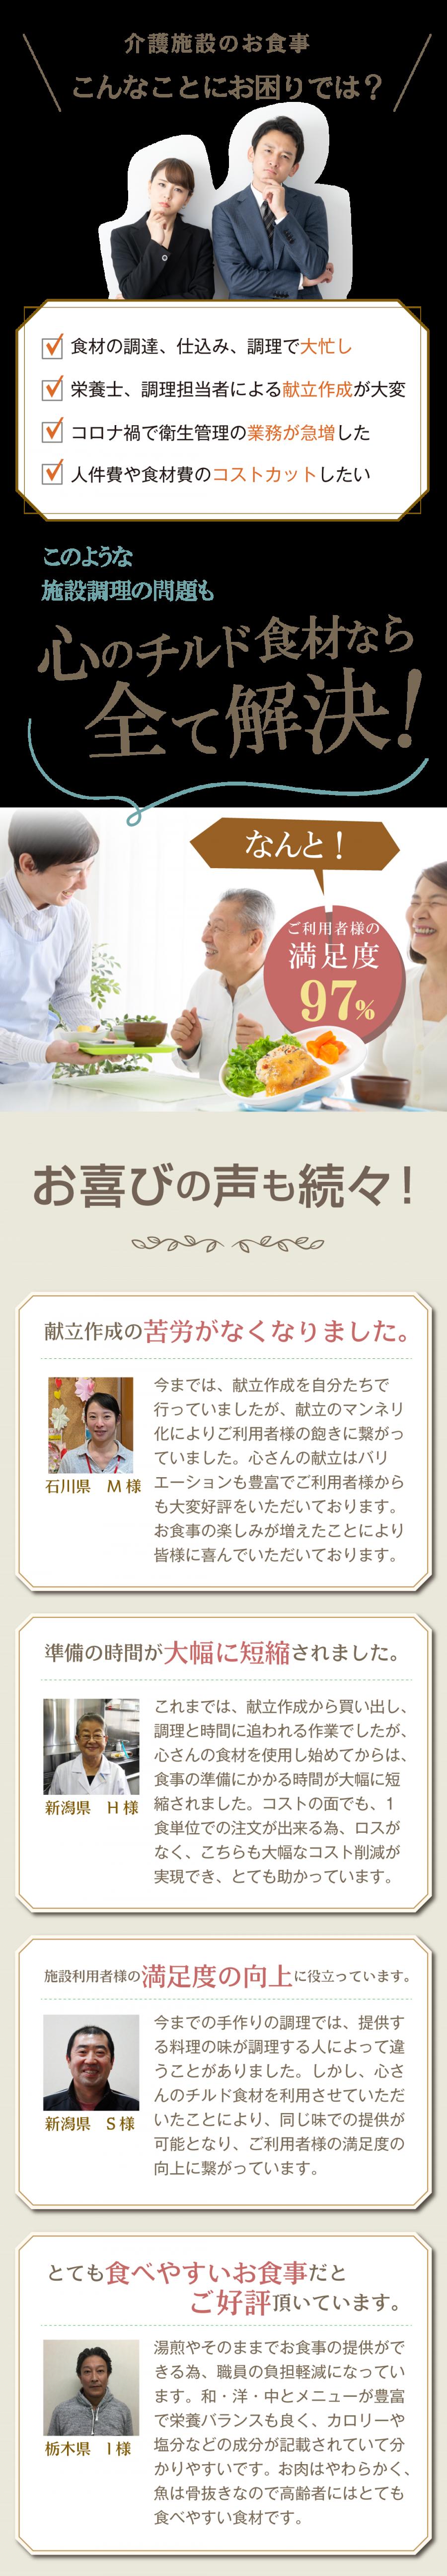 kokoro_new_LP2